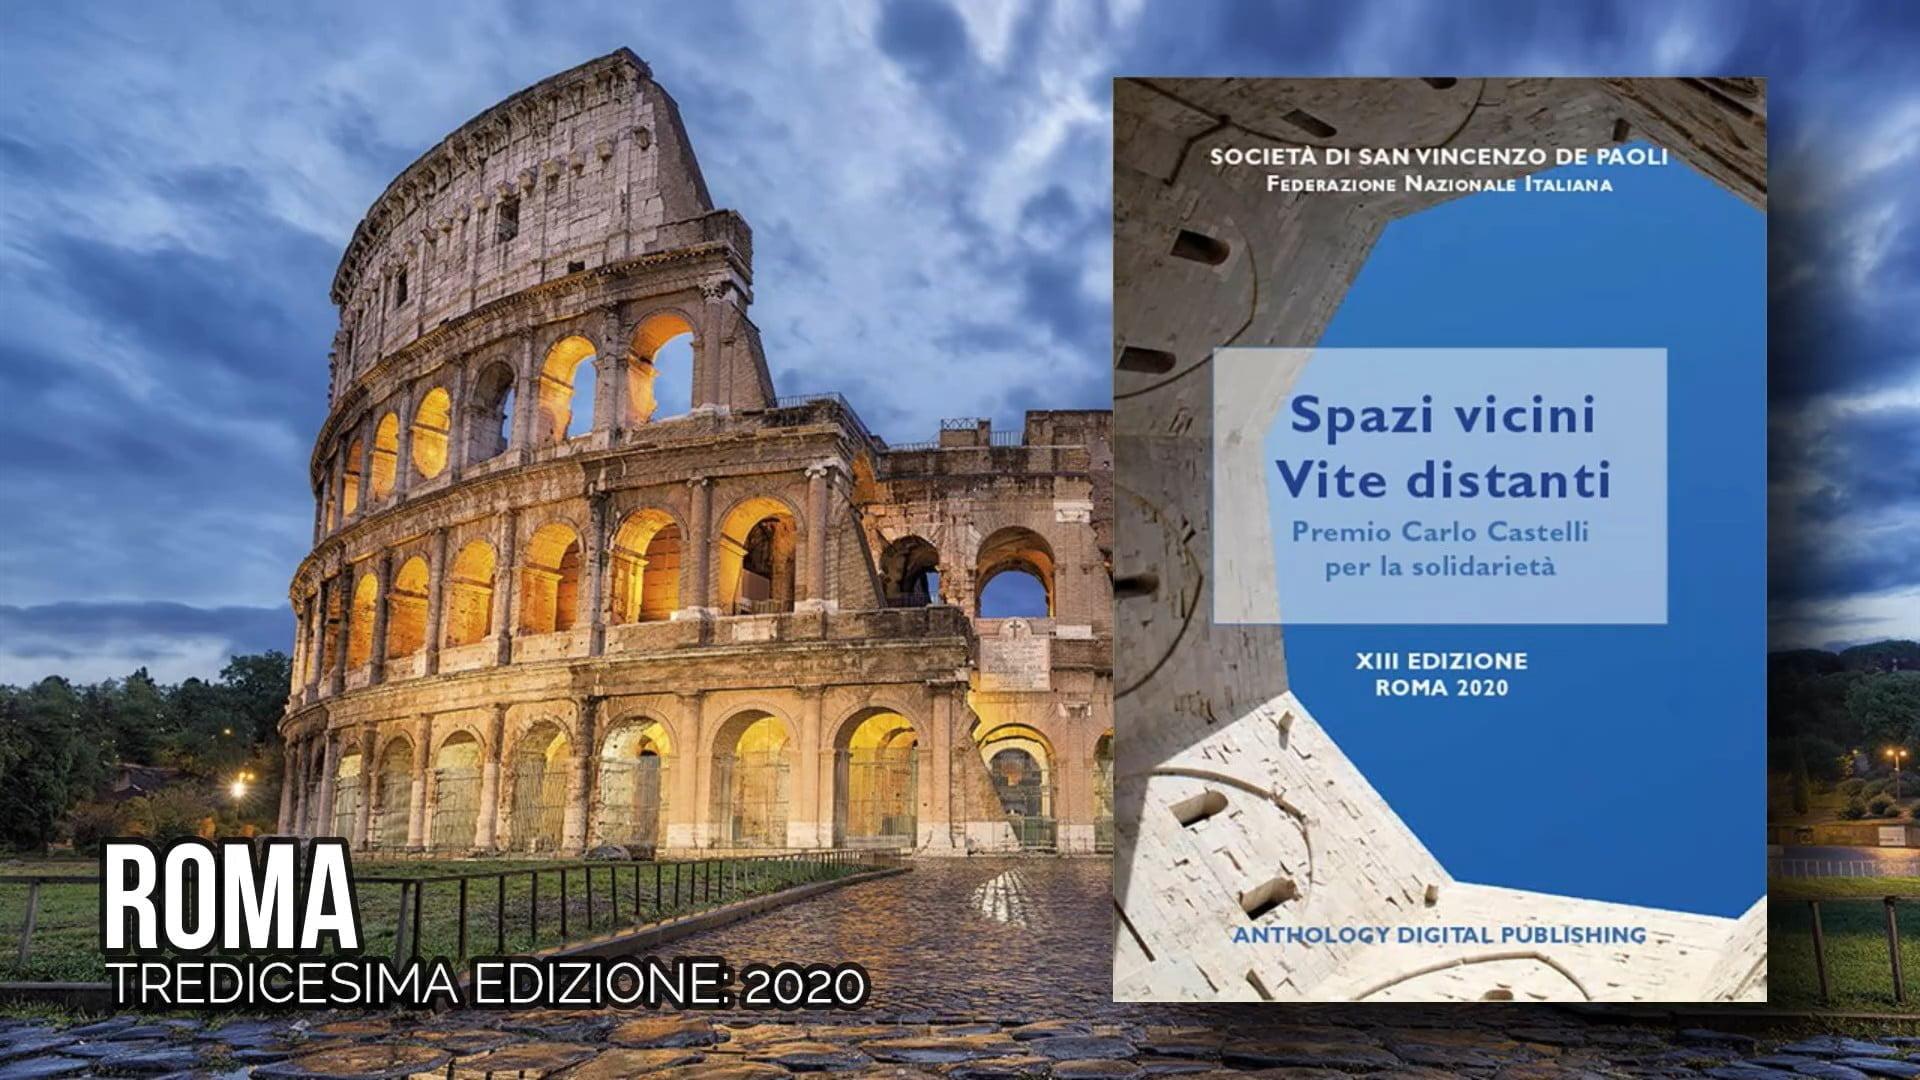 Premio Carlo Castelli per la solidarietà, tredicesima edizione, Roma, Società di San Vincenzo De Paoli